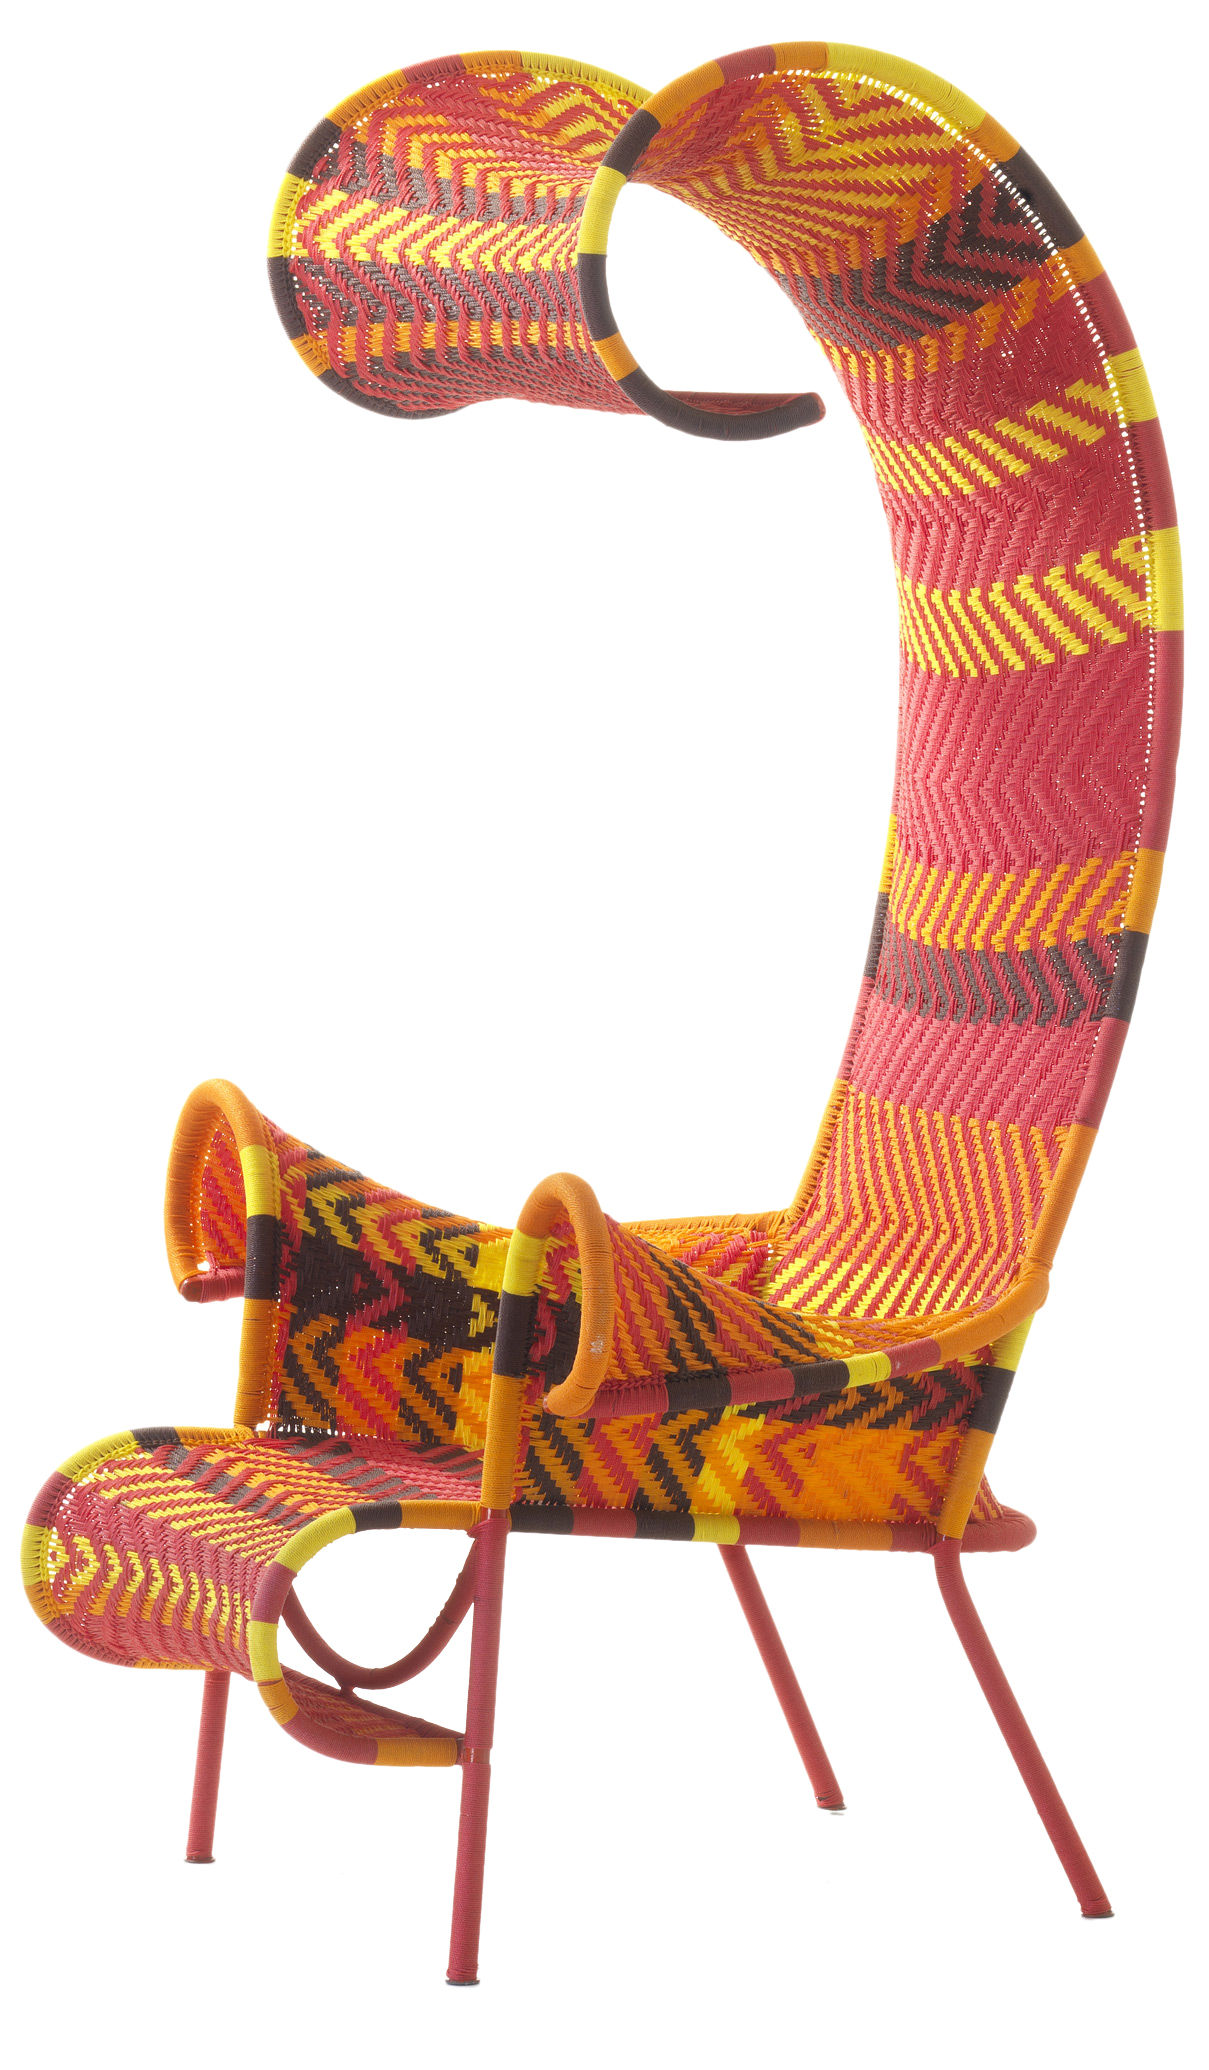 Arredamento - Poltrone design  - Poltrona Shadowy di Moroso - Multired (arancione, giallo, marrone, rosso) - Acciaio verniciato, Fili in plastica